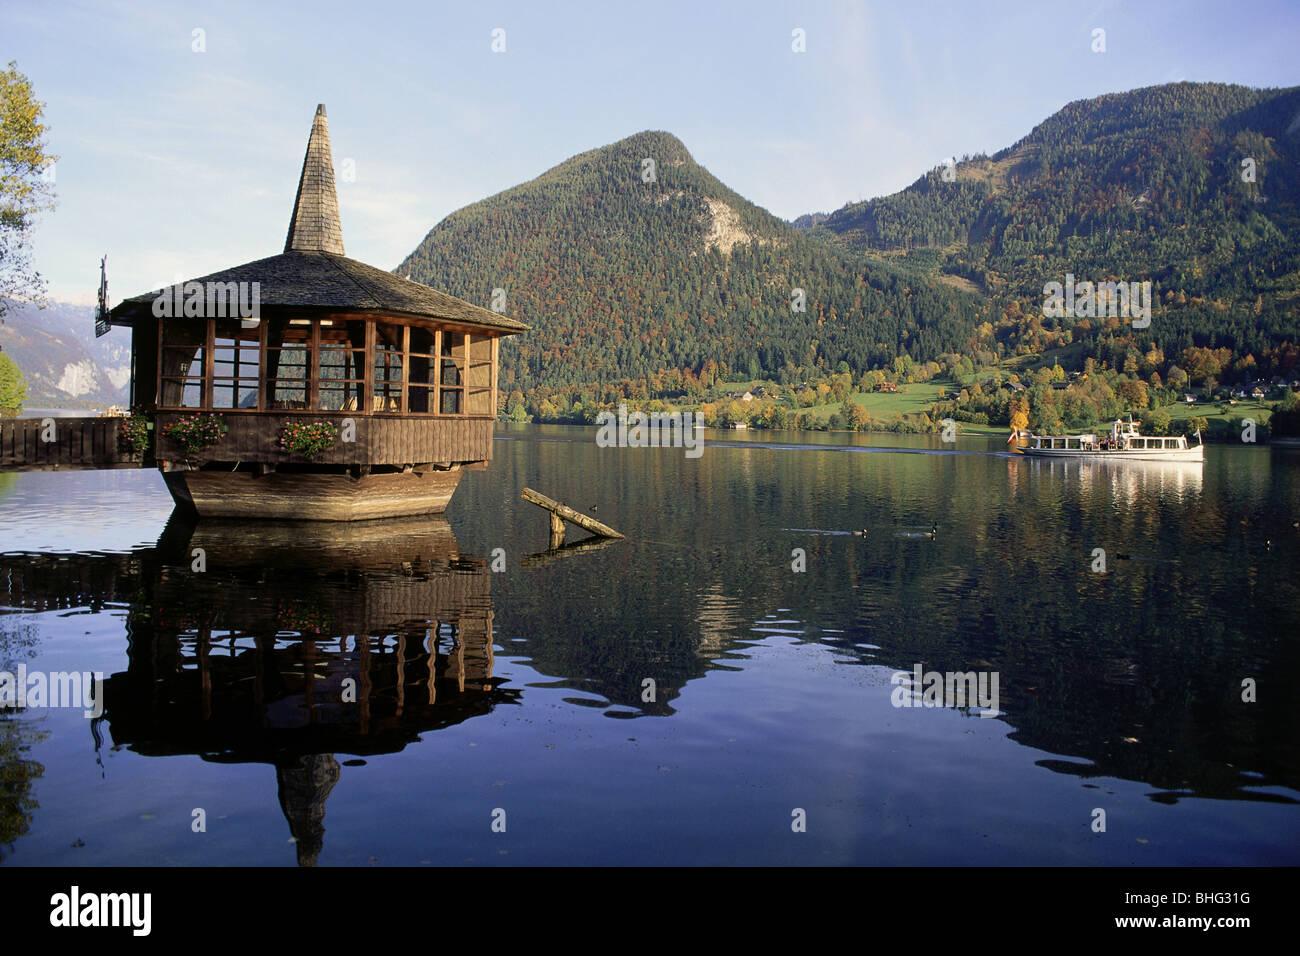 Géographie / voyage, Autriche, Styrie, paysages, vue du lac Grundlsee (Grundl) de l'eau, pavillon, Additional Photo Stock